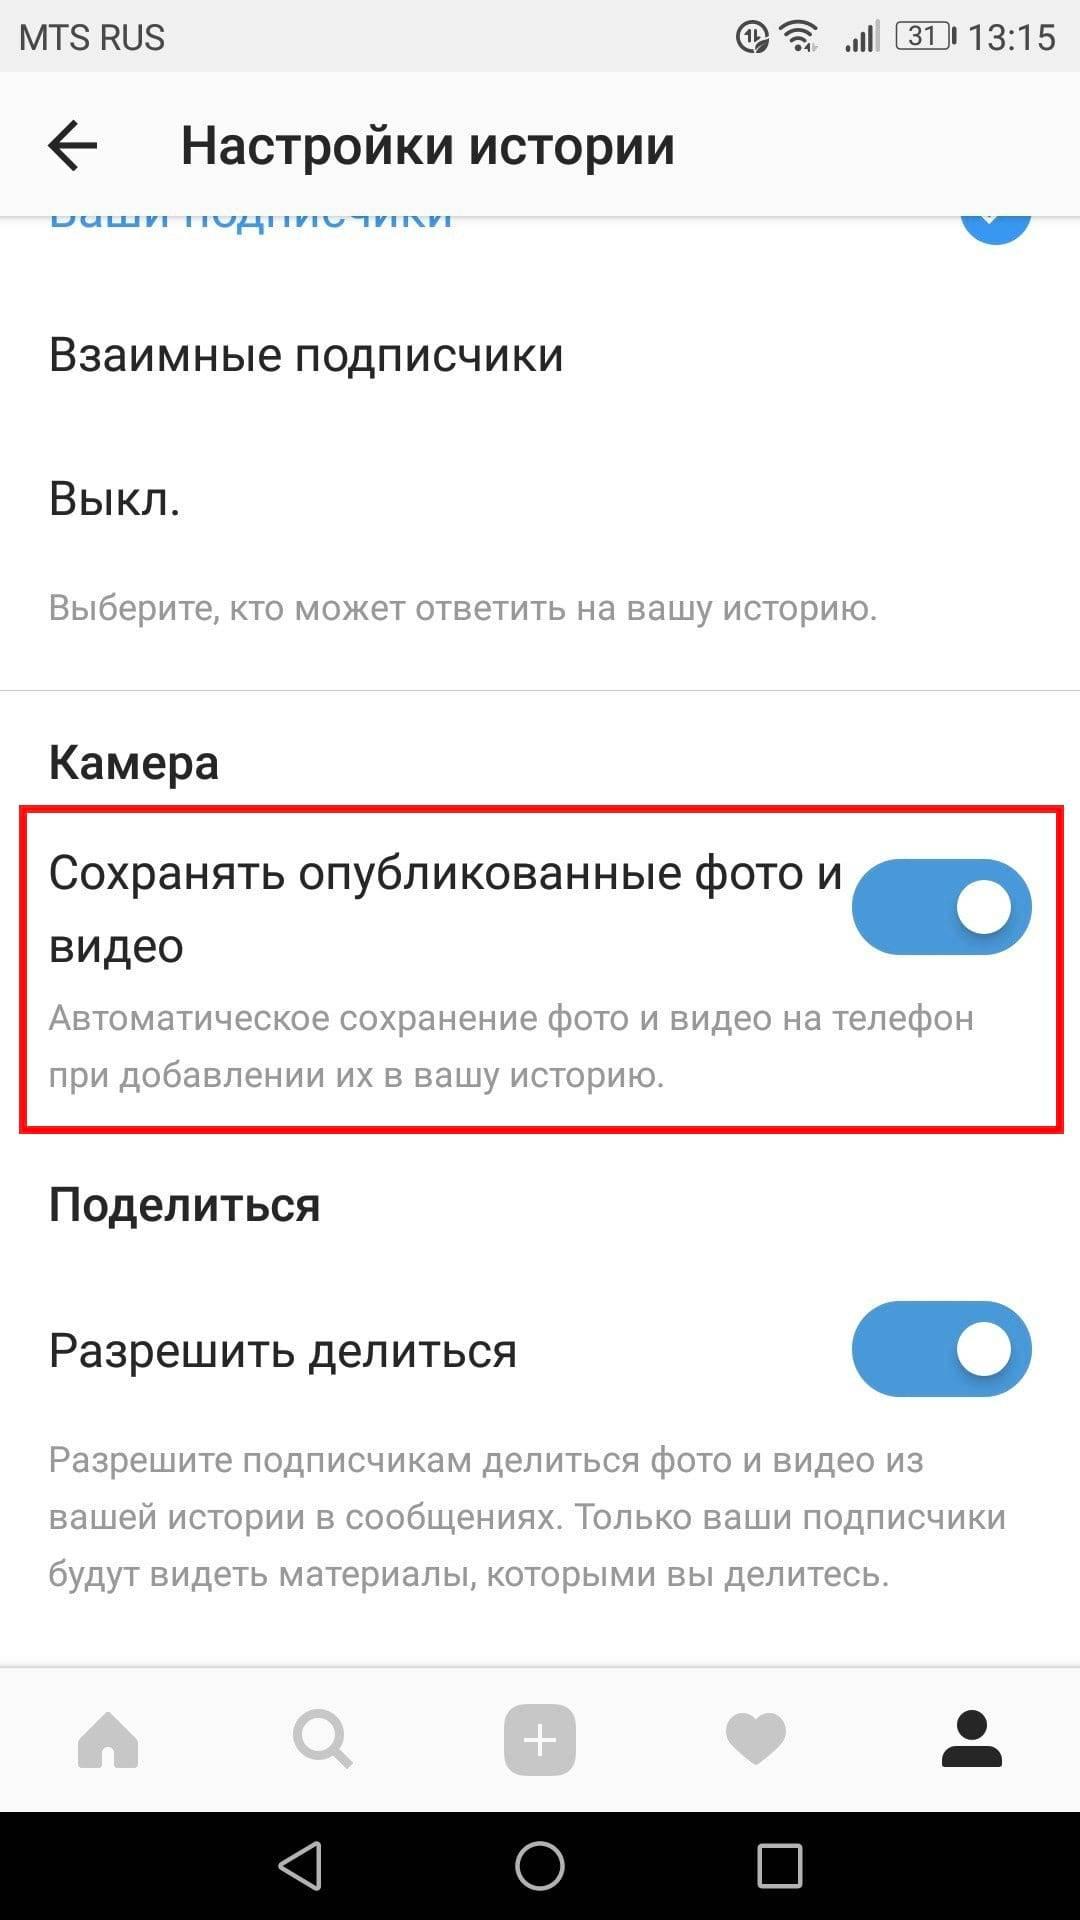 Почему не показывает видео в инстаграмме: что делать, если не загружается видео